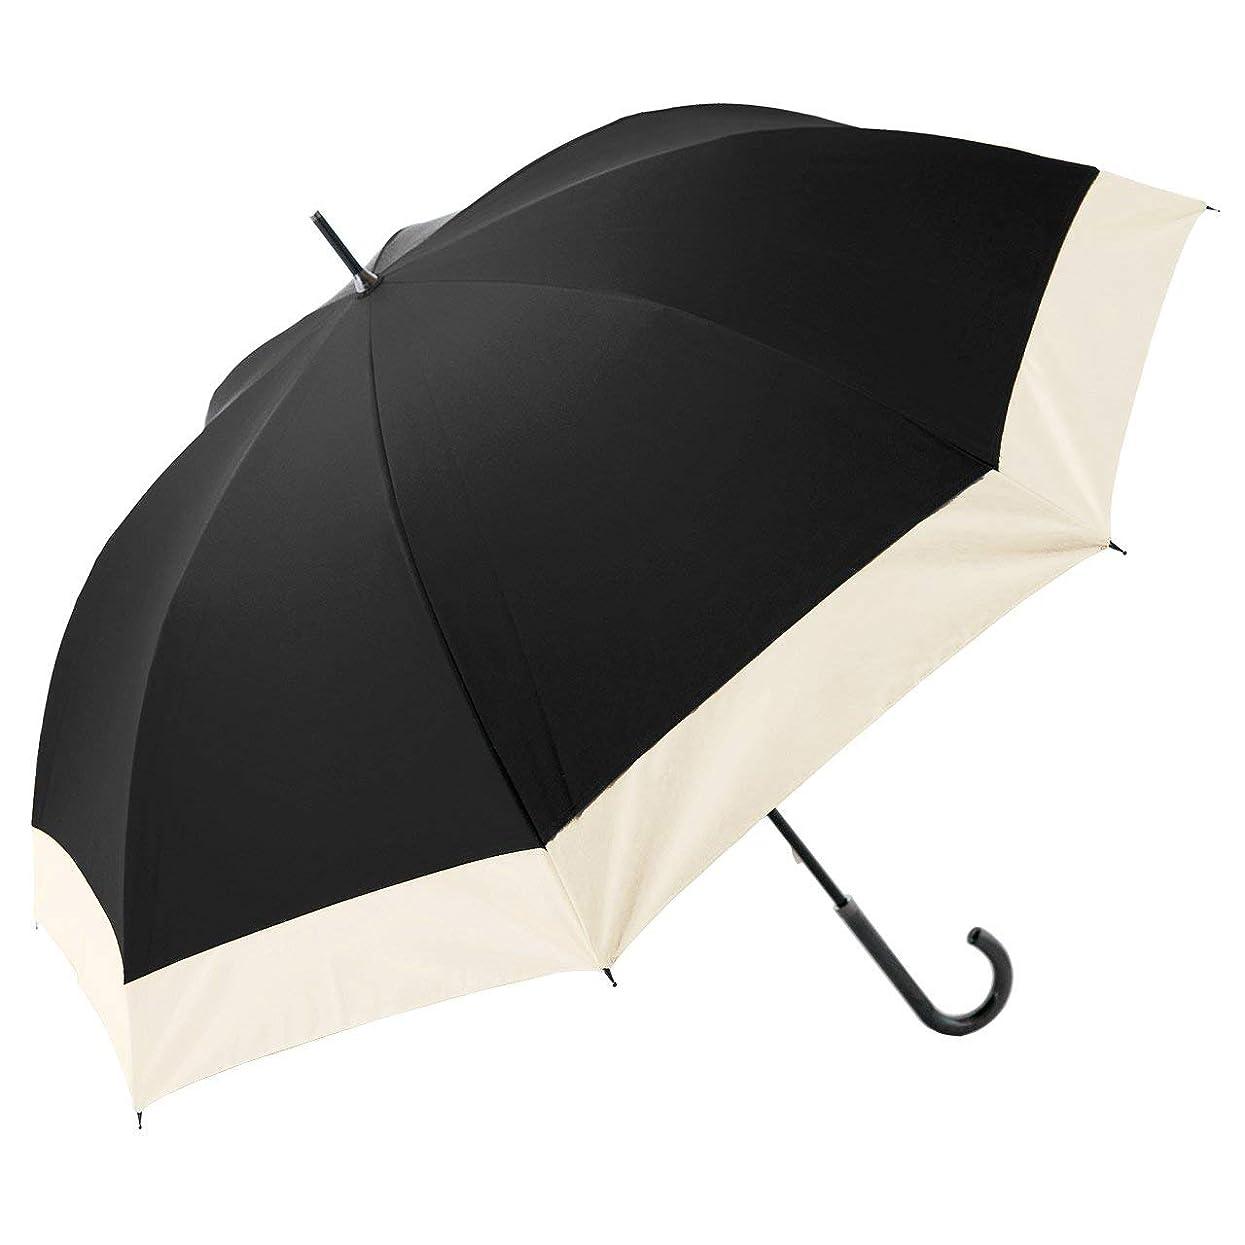 社会主義ビジター放映【Rose Blanc】100%完全遮光 日傘 晴雨兼用 コンビ 男女兼用 メンズサイズ 65cm 19 (ブラック×ベージュ)